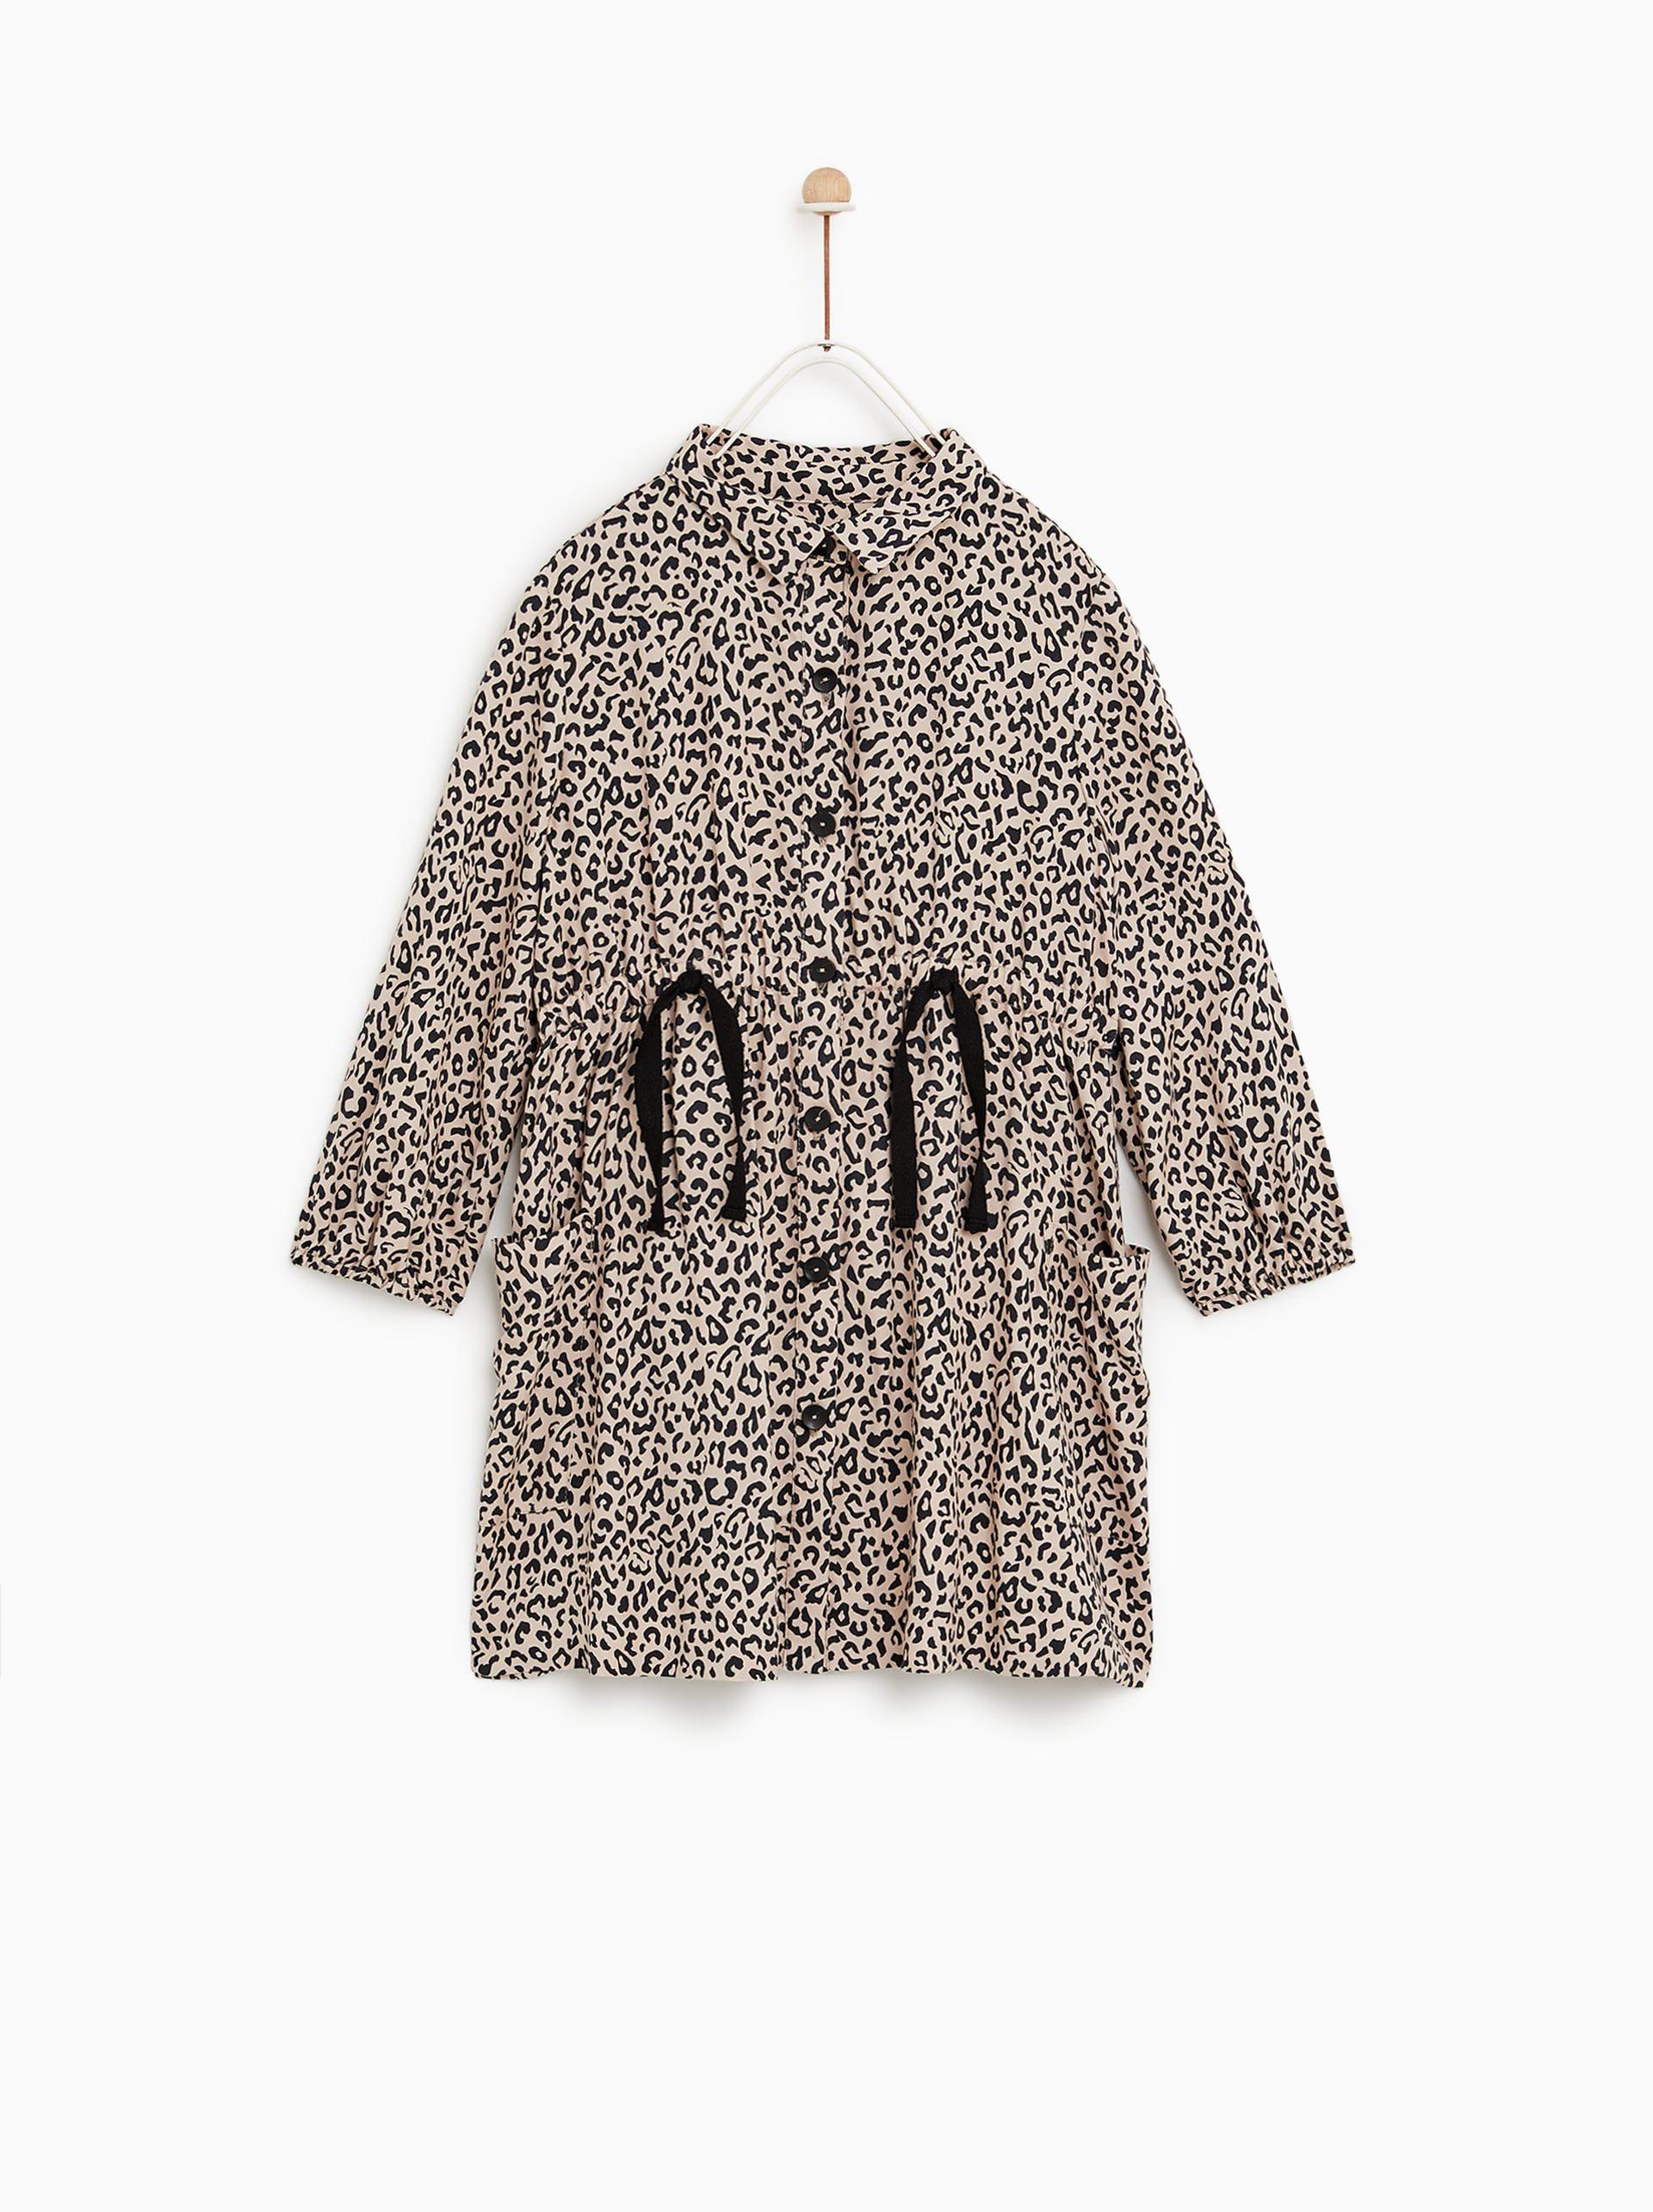 Billede 2 Af Kjole Med Dyreprint Fra Zara Woman Fashion Animal Print Dresses Jumpsuits For Girls